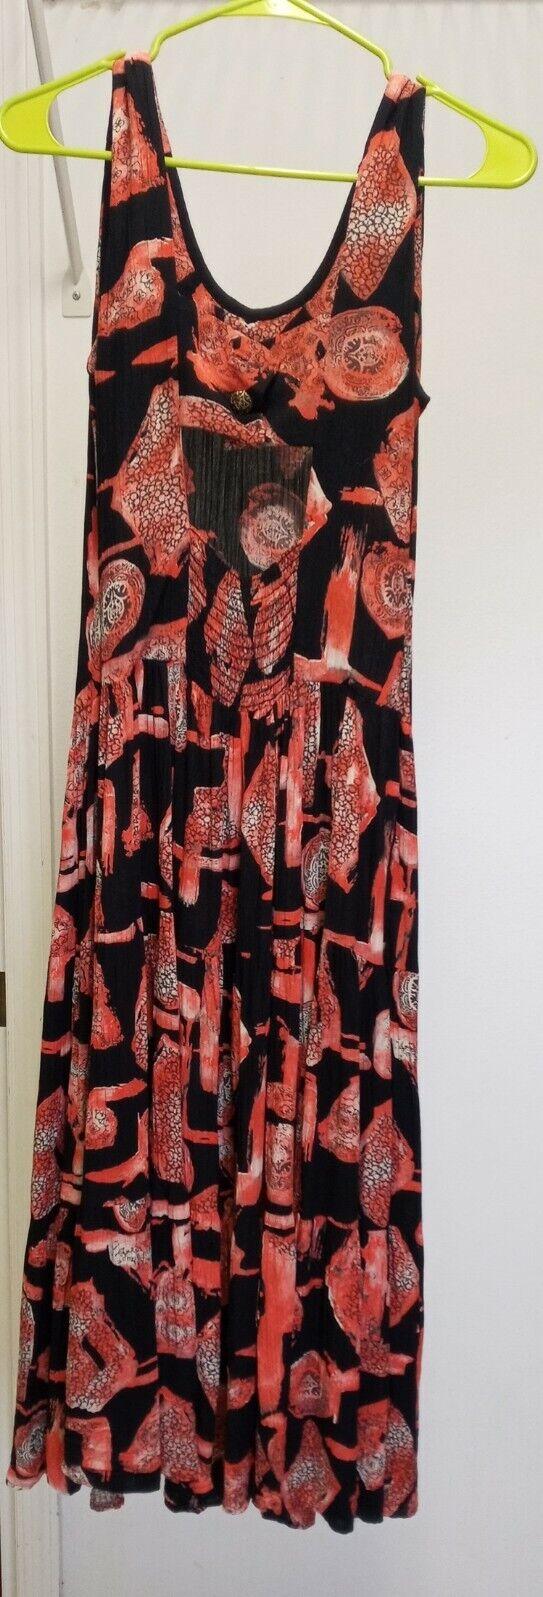 Vintage Carole Little Dress (A) - image 3